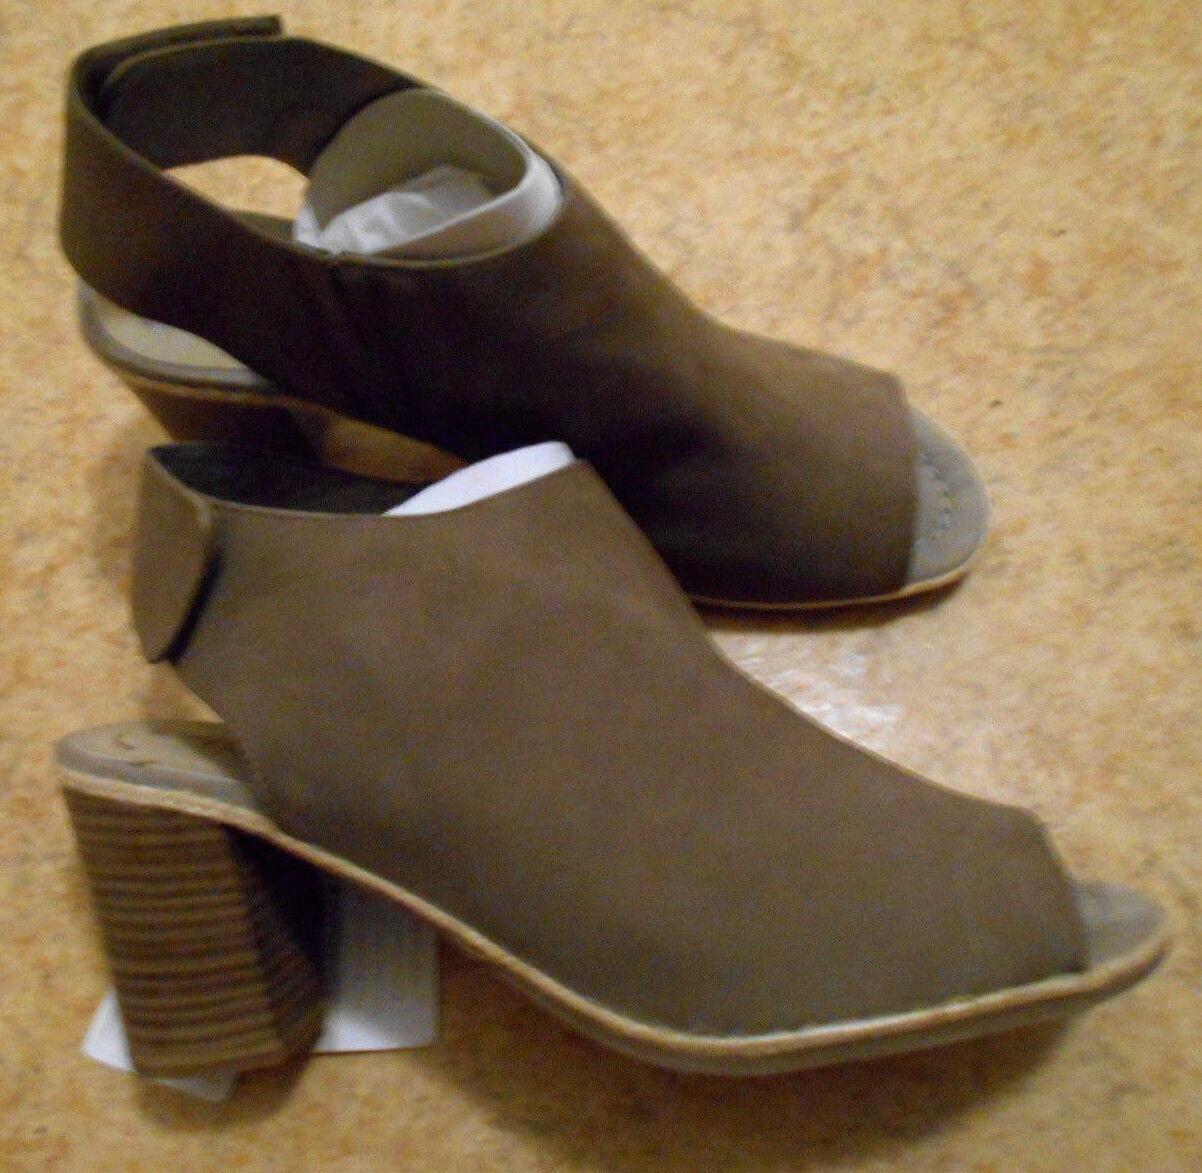 Nuevo  top señora-Tamaris sandalias de cuero  genuino   cuero nuevo  Taupe 0b2854